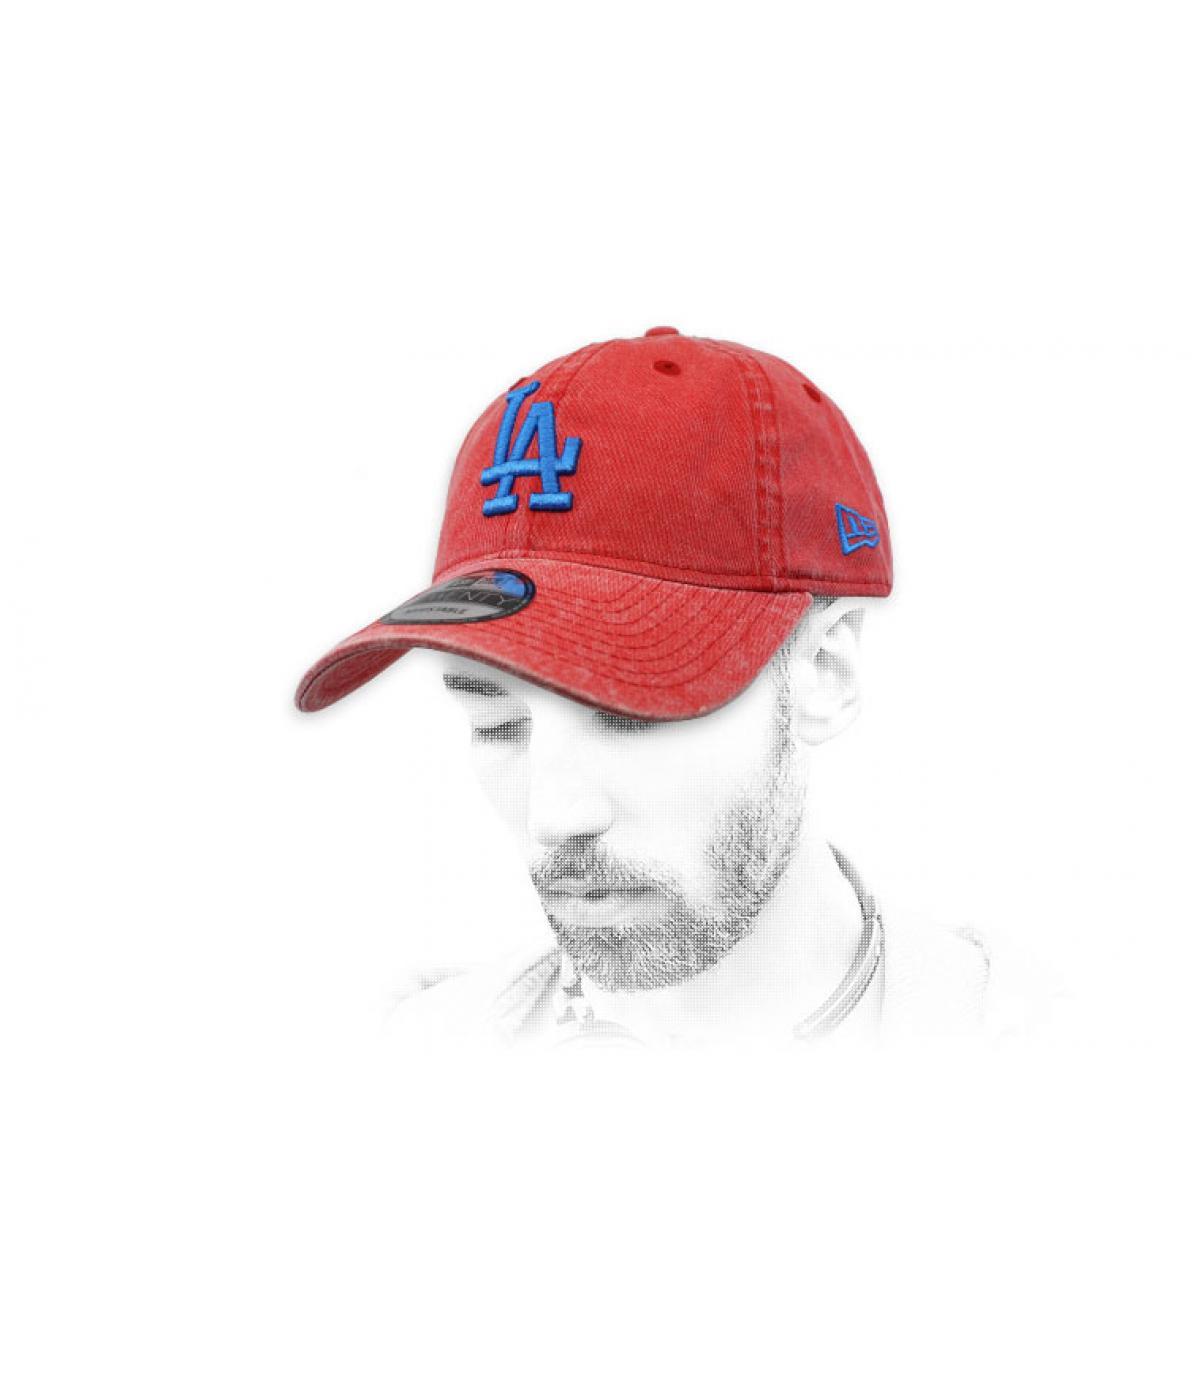 LA cap red blue